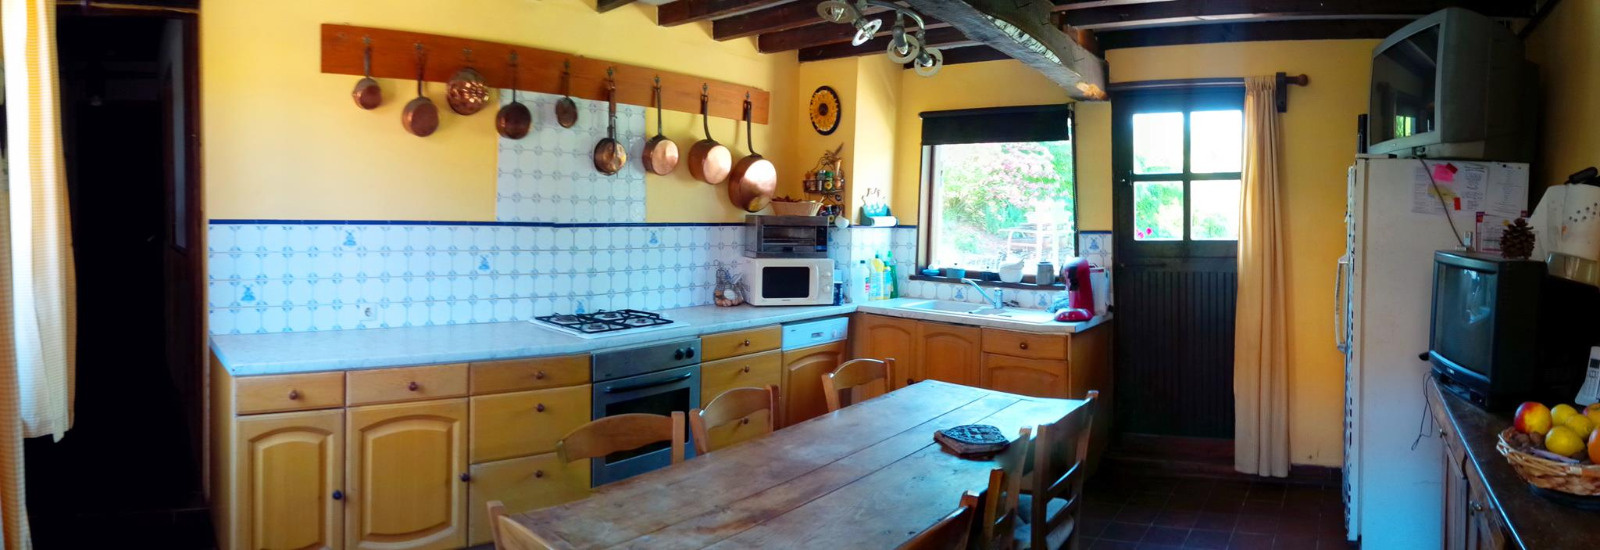 vente secteur vallee de l 39 authie. Black Bedroom Furniture Sets. Home Design Ideas